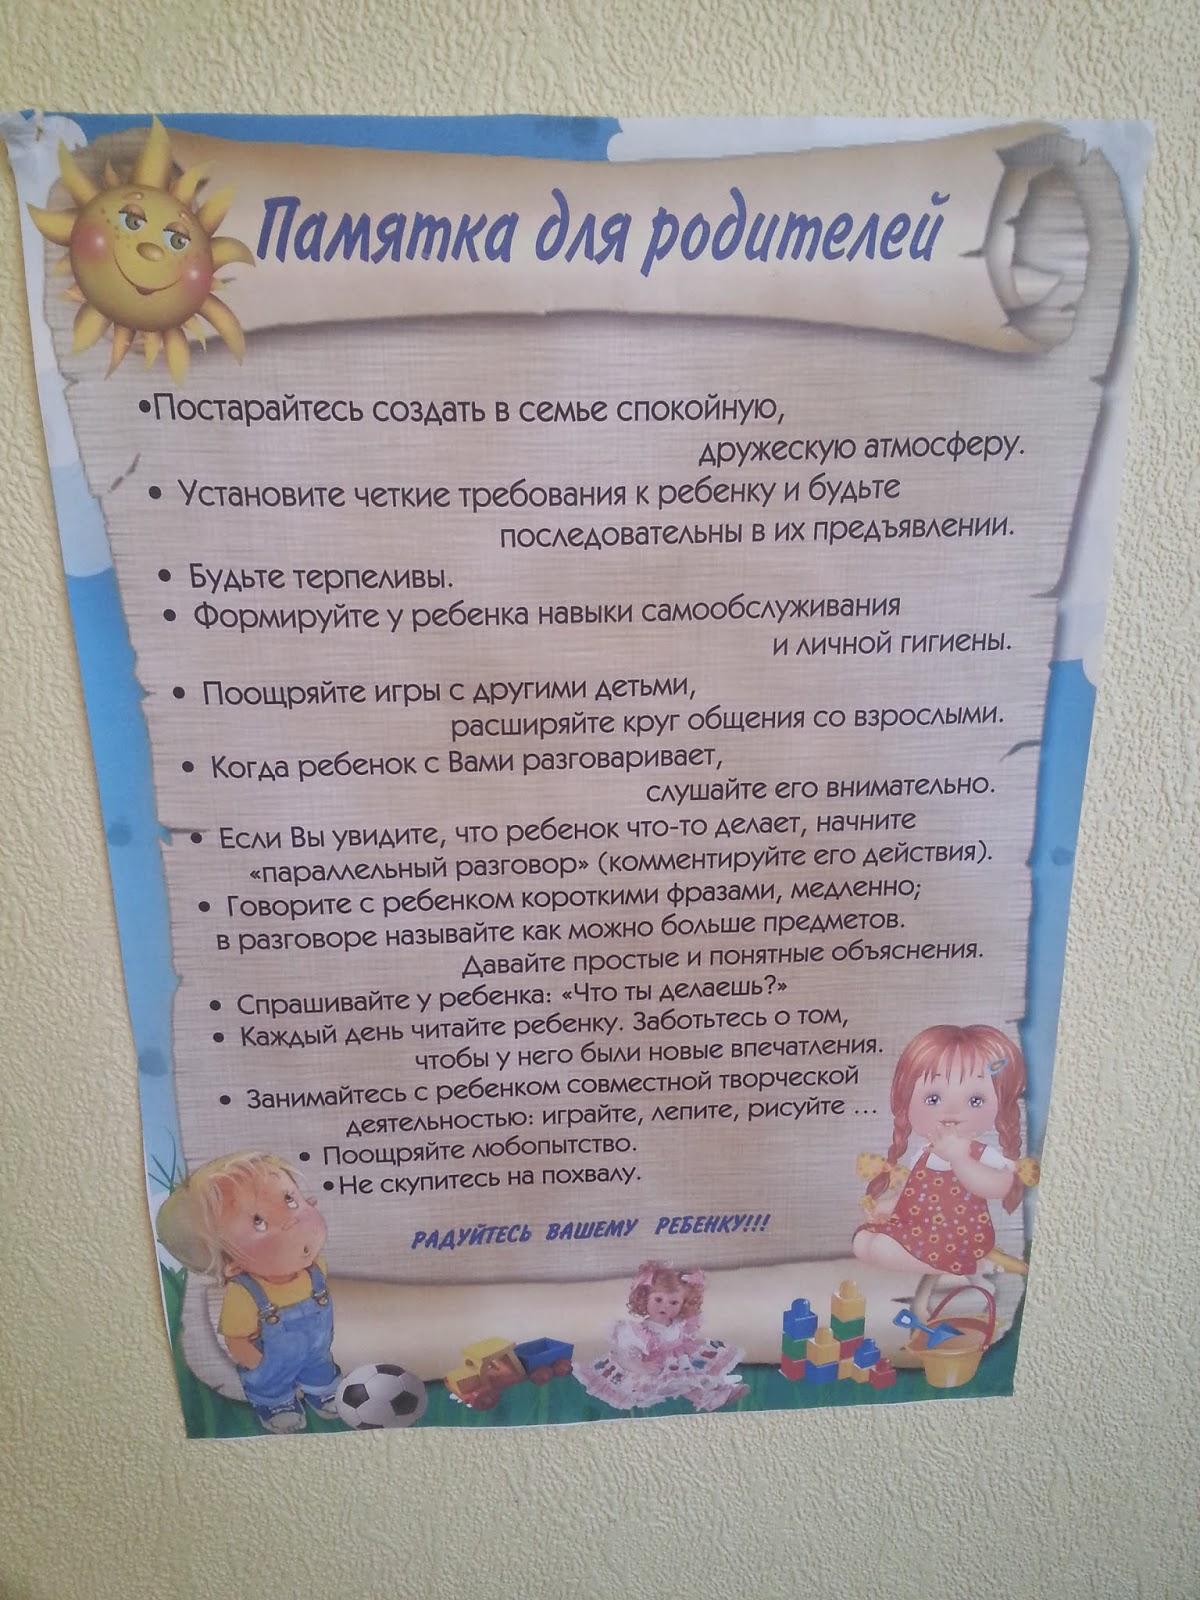 Открытка для родителей ребенка 876